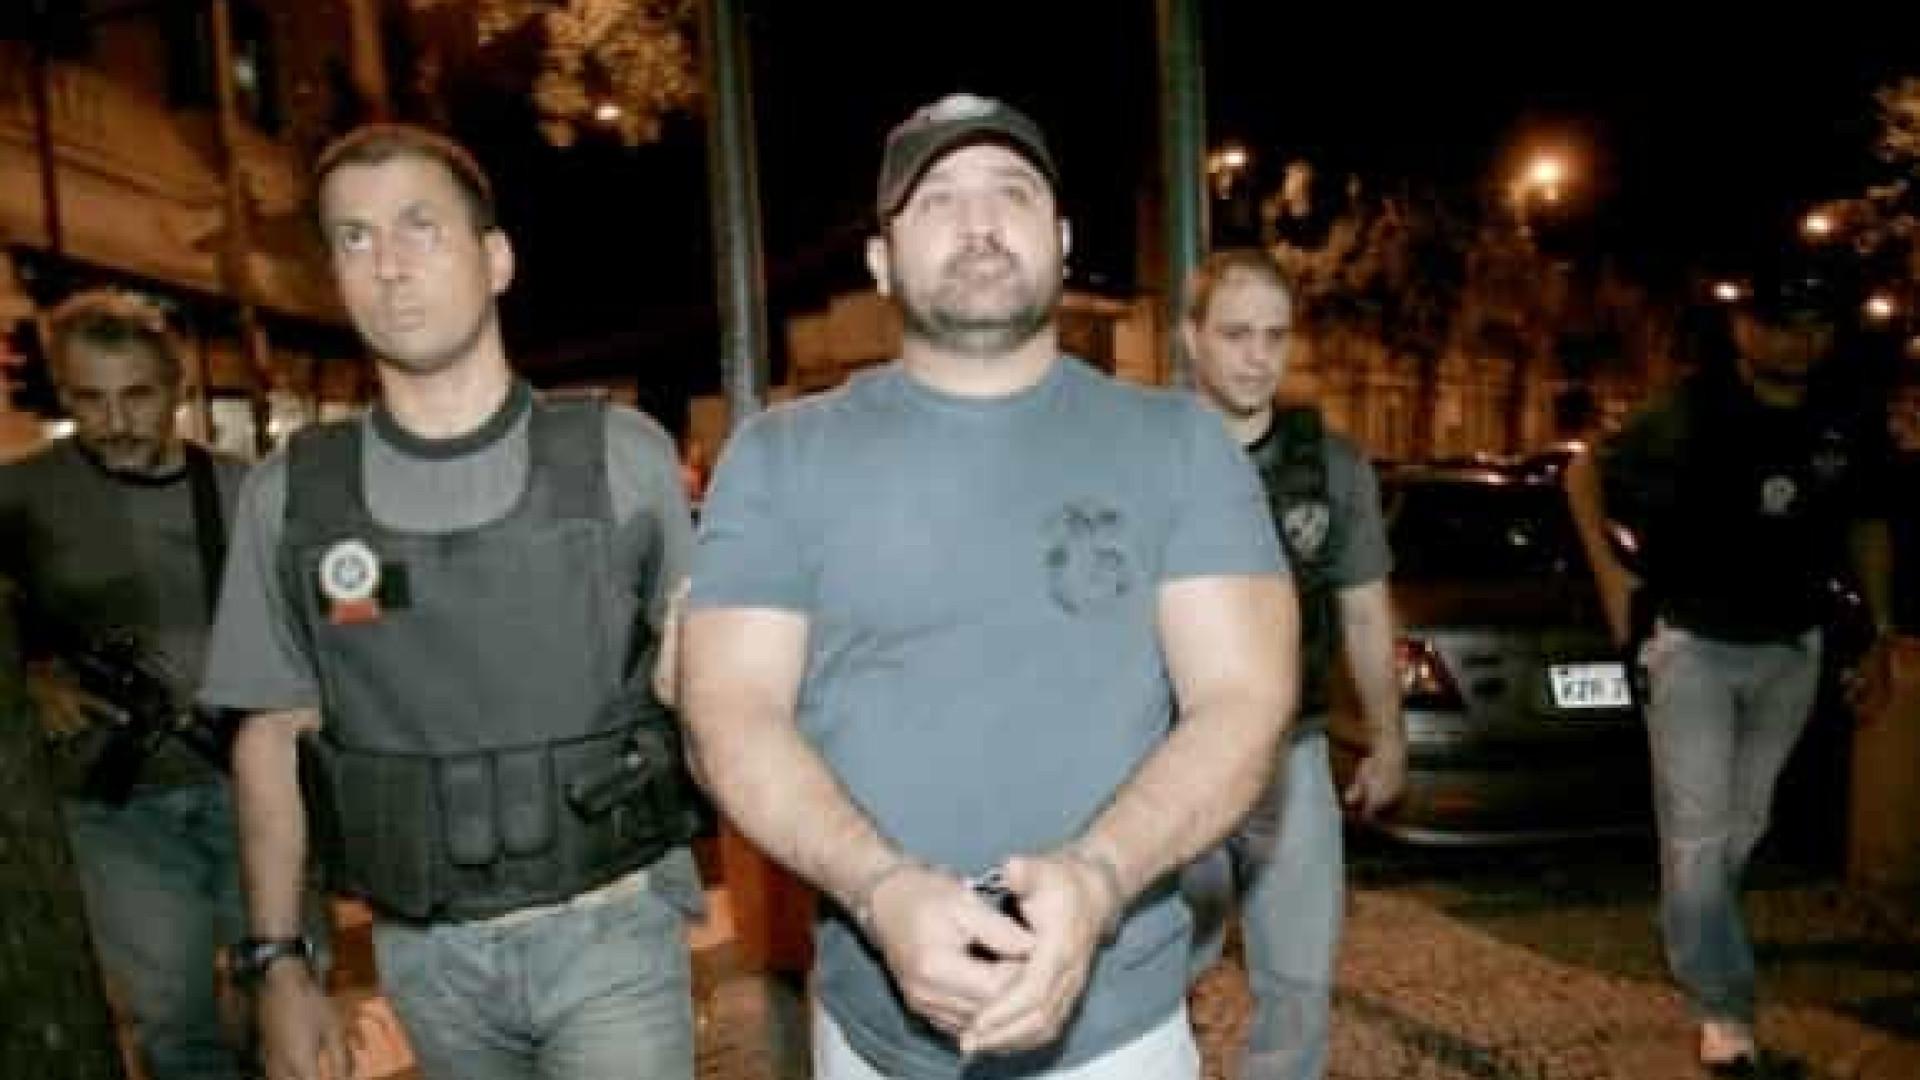 Chefe de milícia é morto durante consulta dentária no Rio